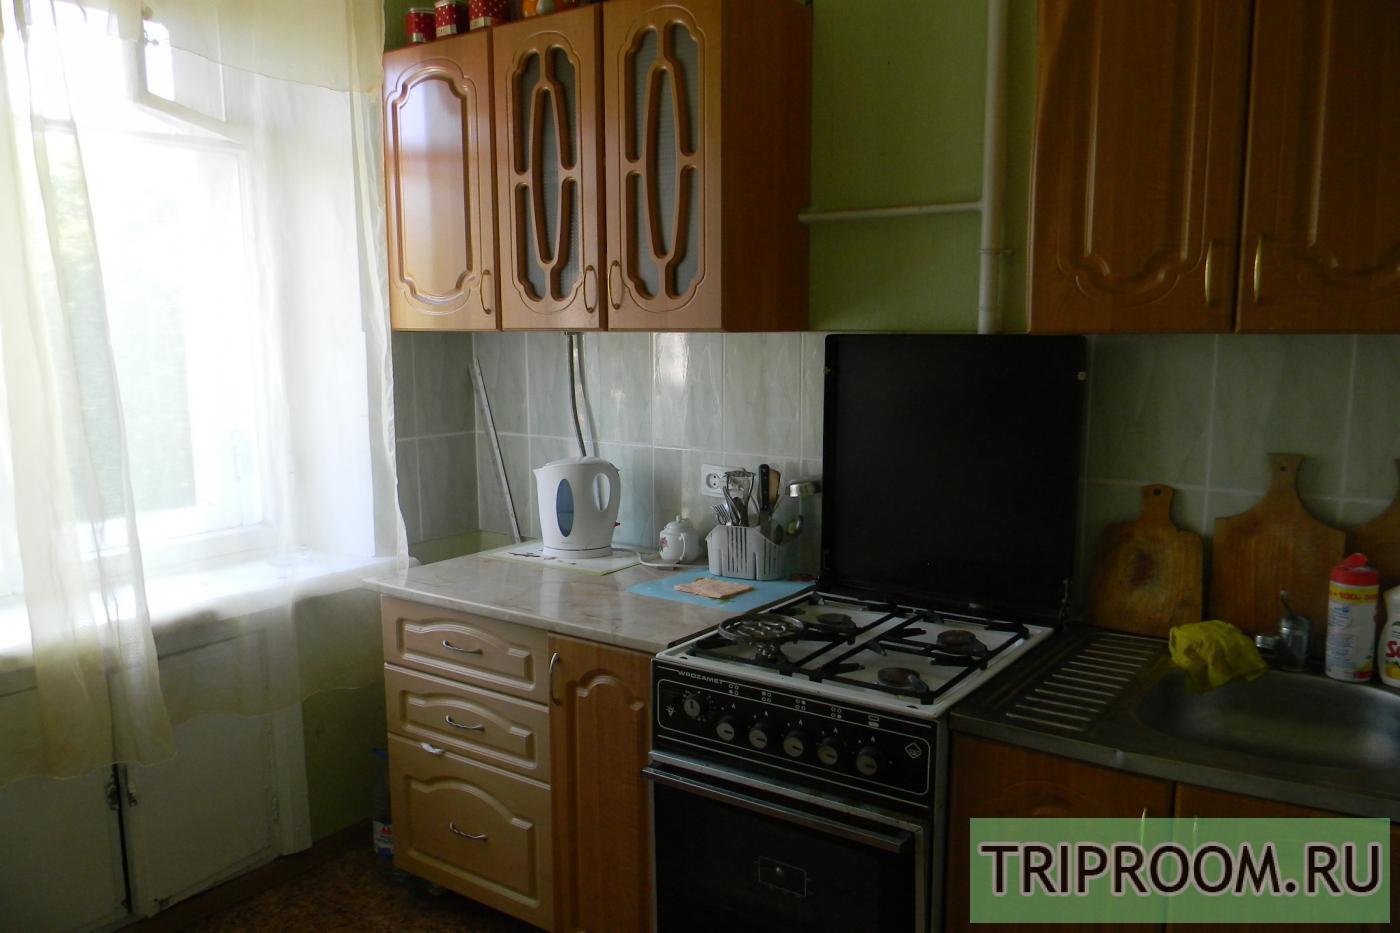 1-комнатная квартира посуточно (вариант № 2317), ул. Комсомольский проспект, фото № 2